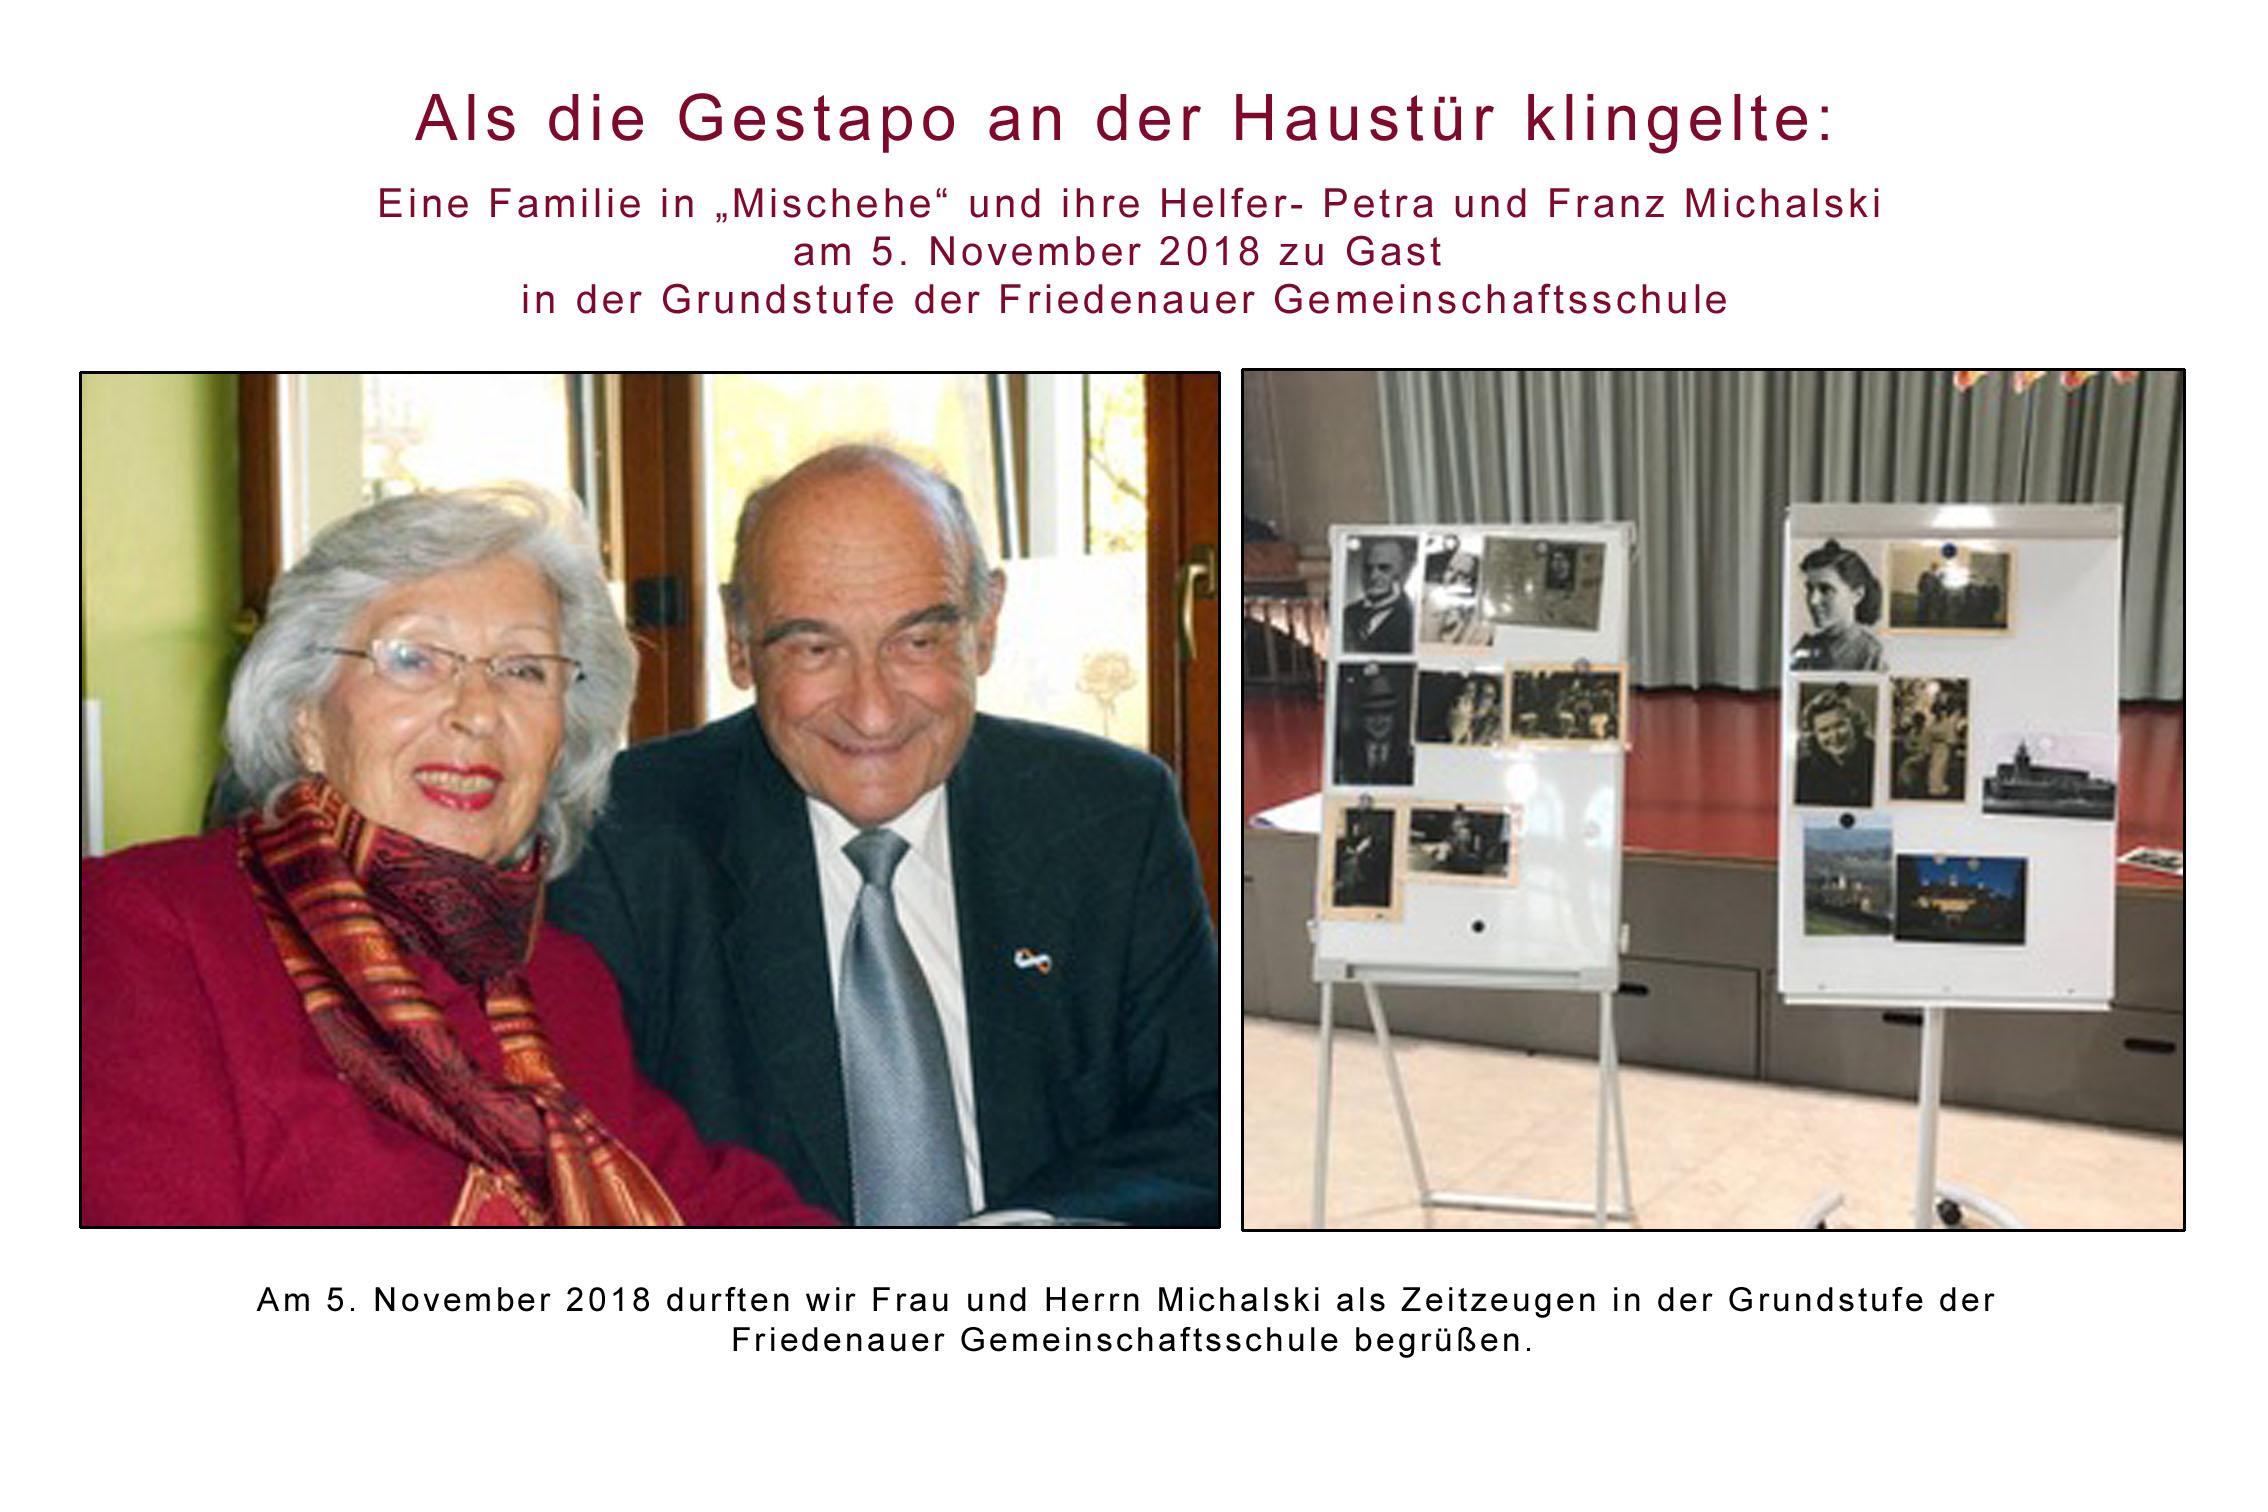 Bild von Petra und Franz Michalski